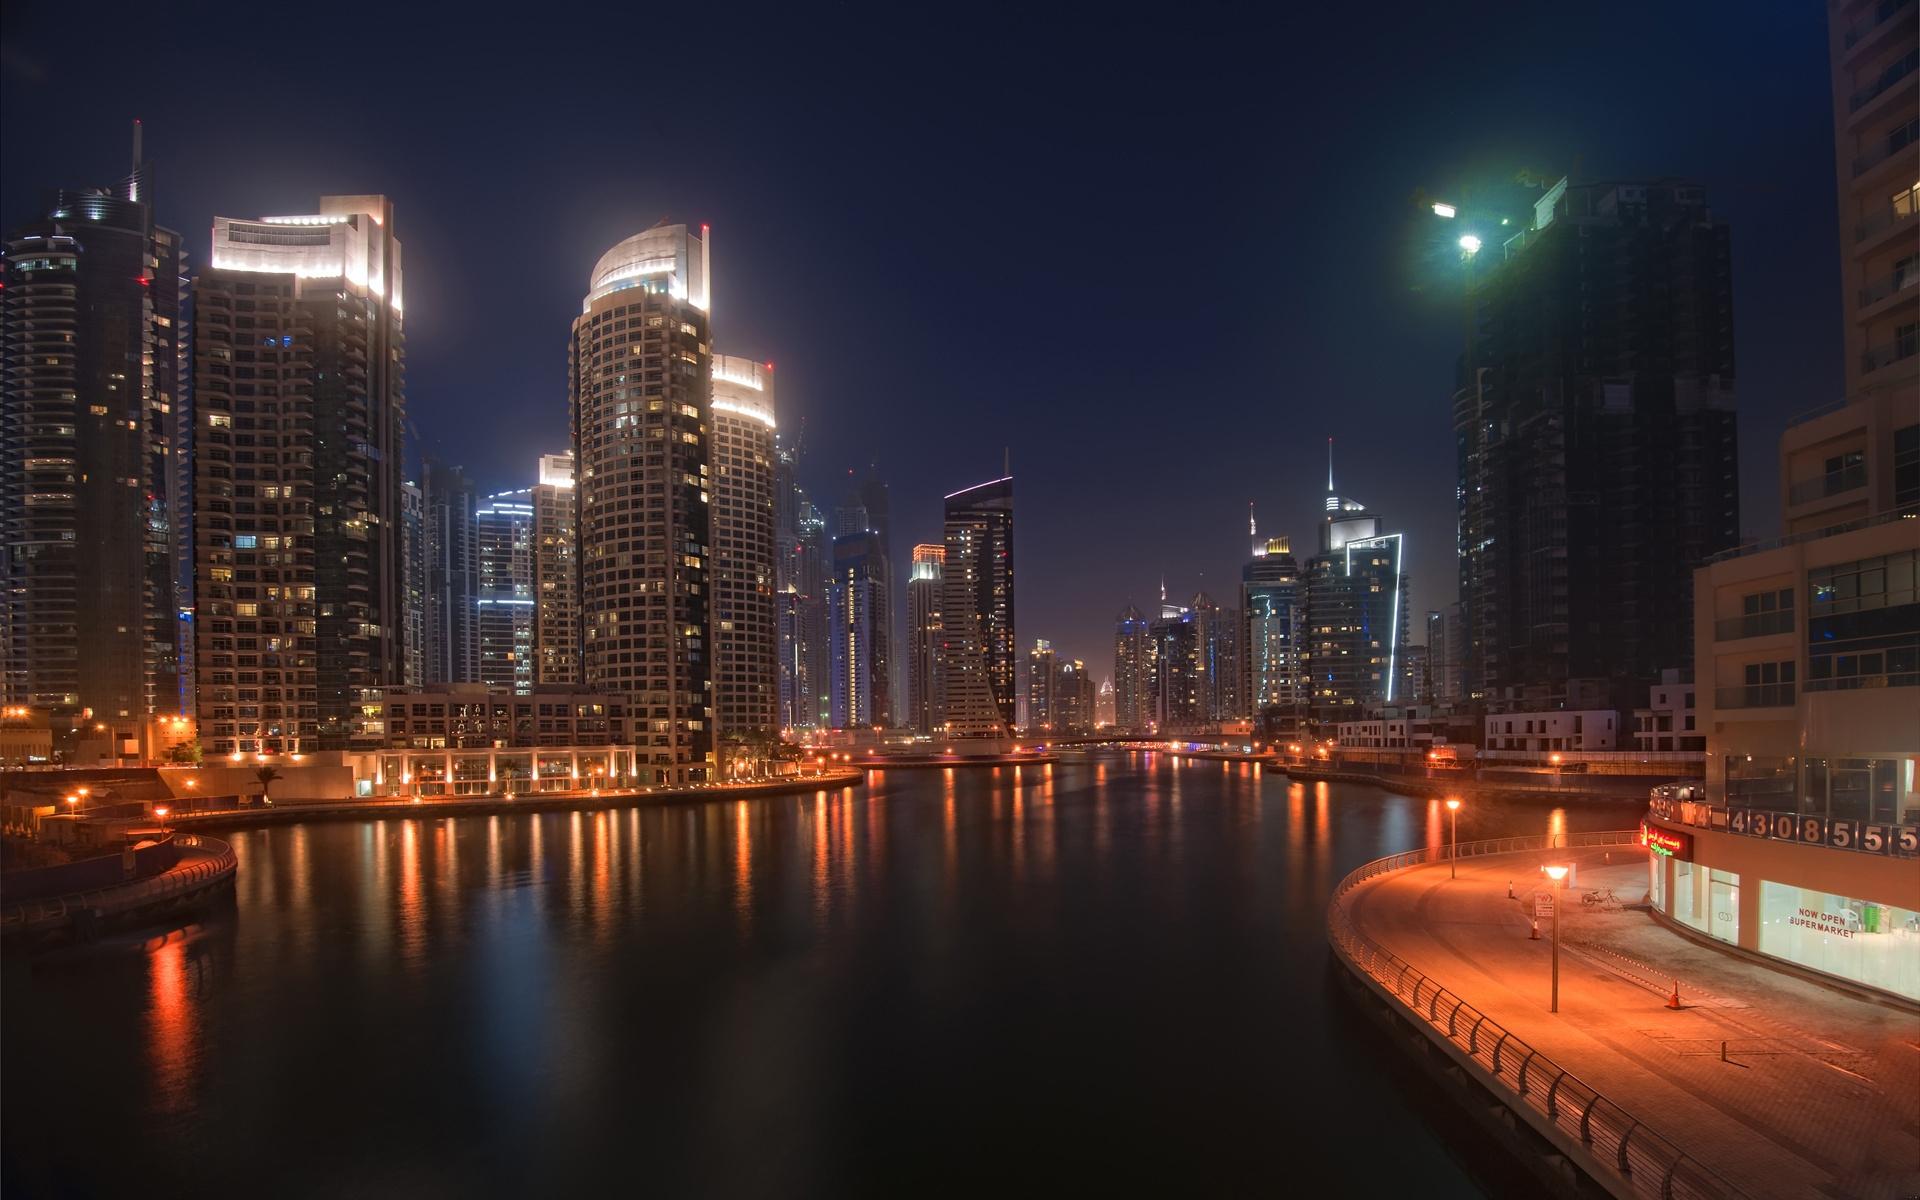 если масленицу красивые картинки ночного города на рабочий есть идеи поводу